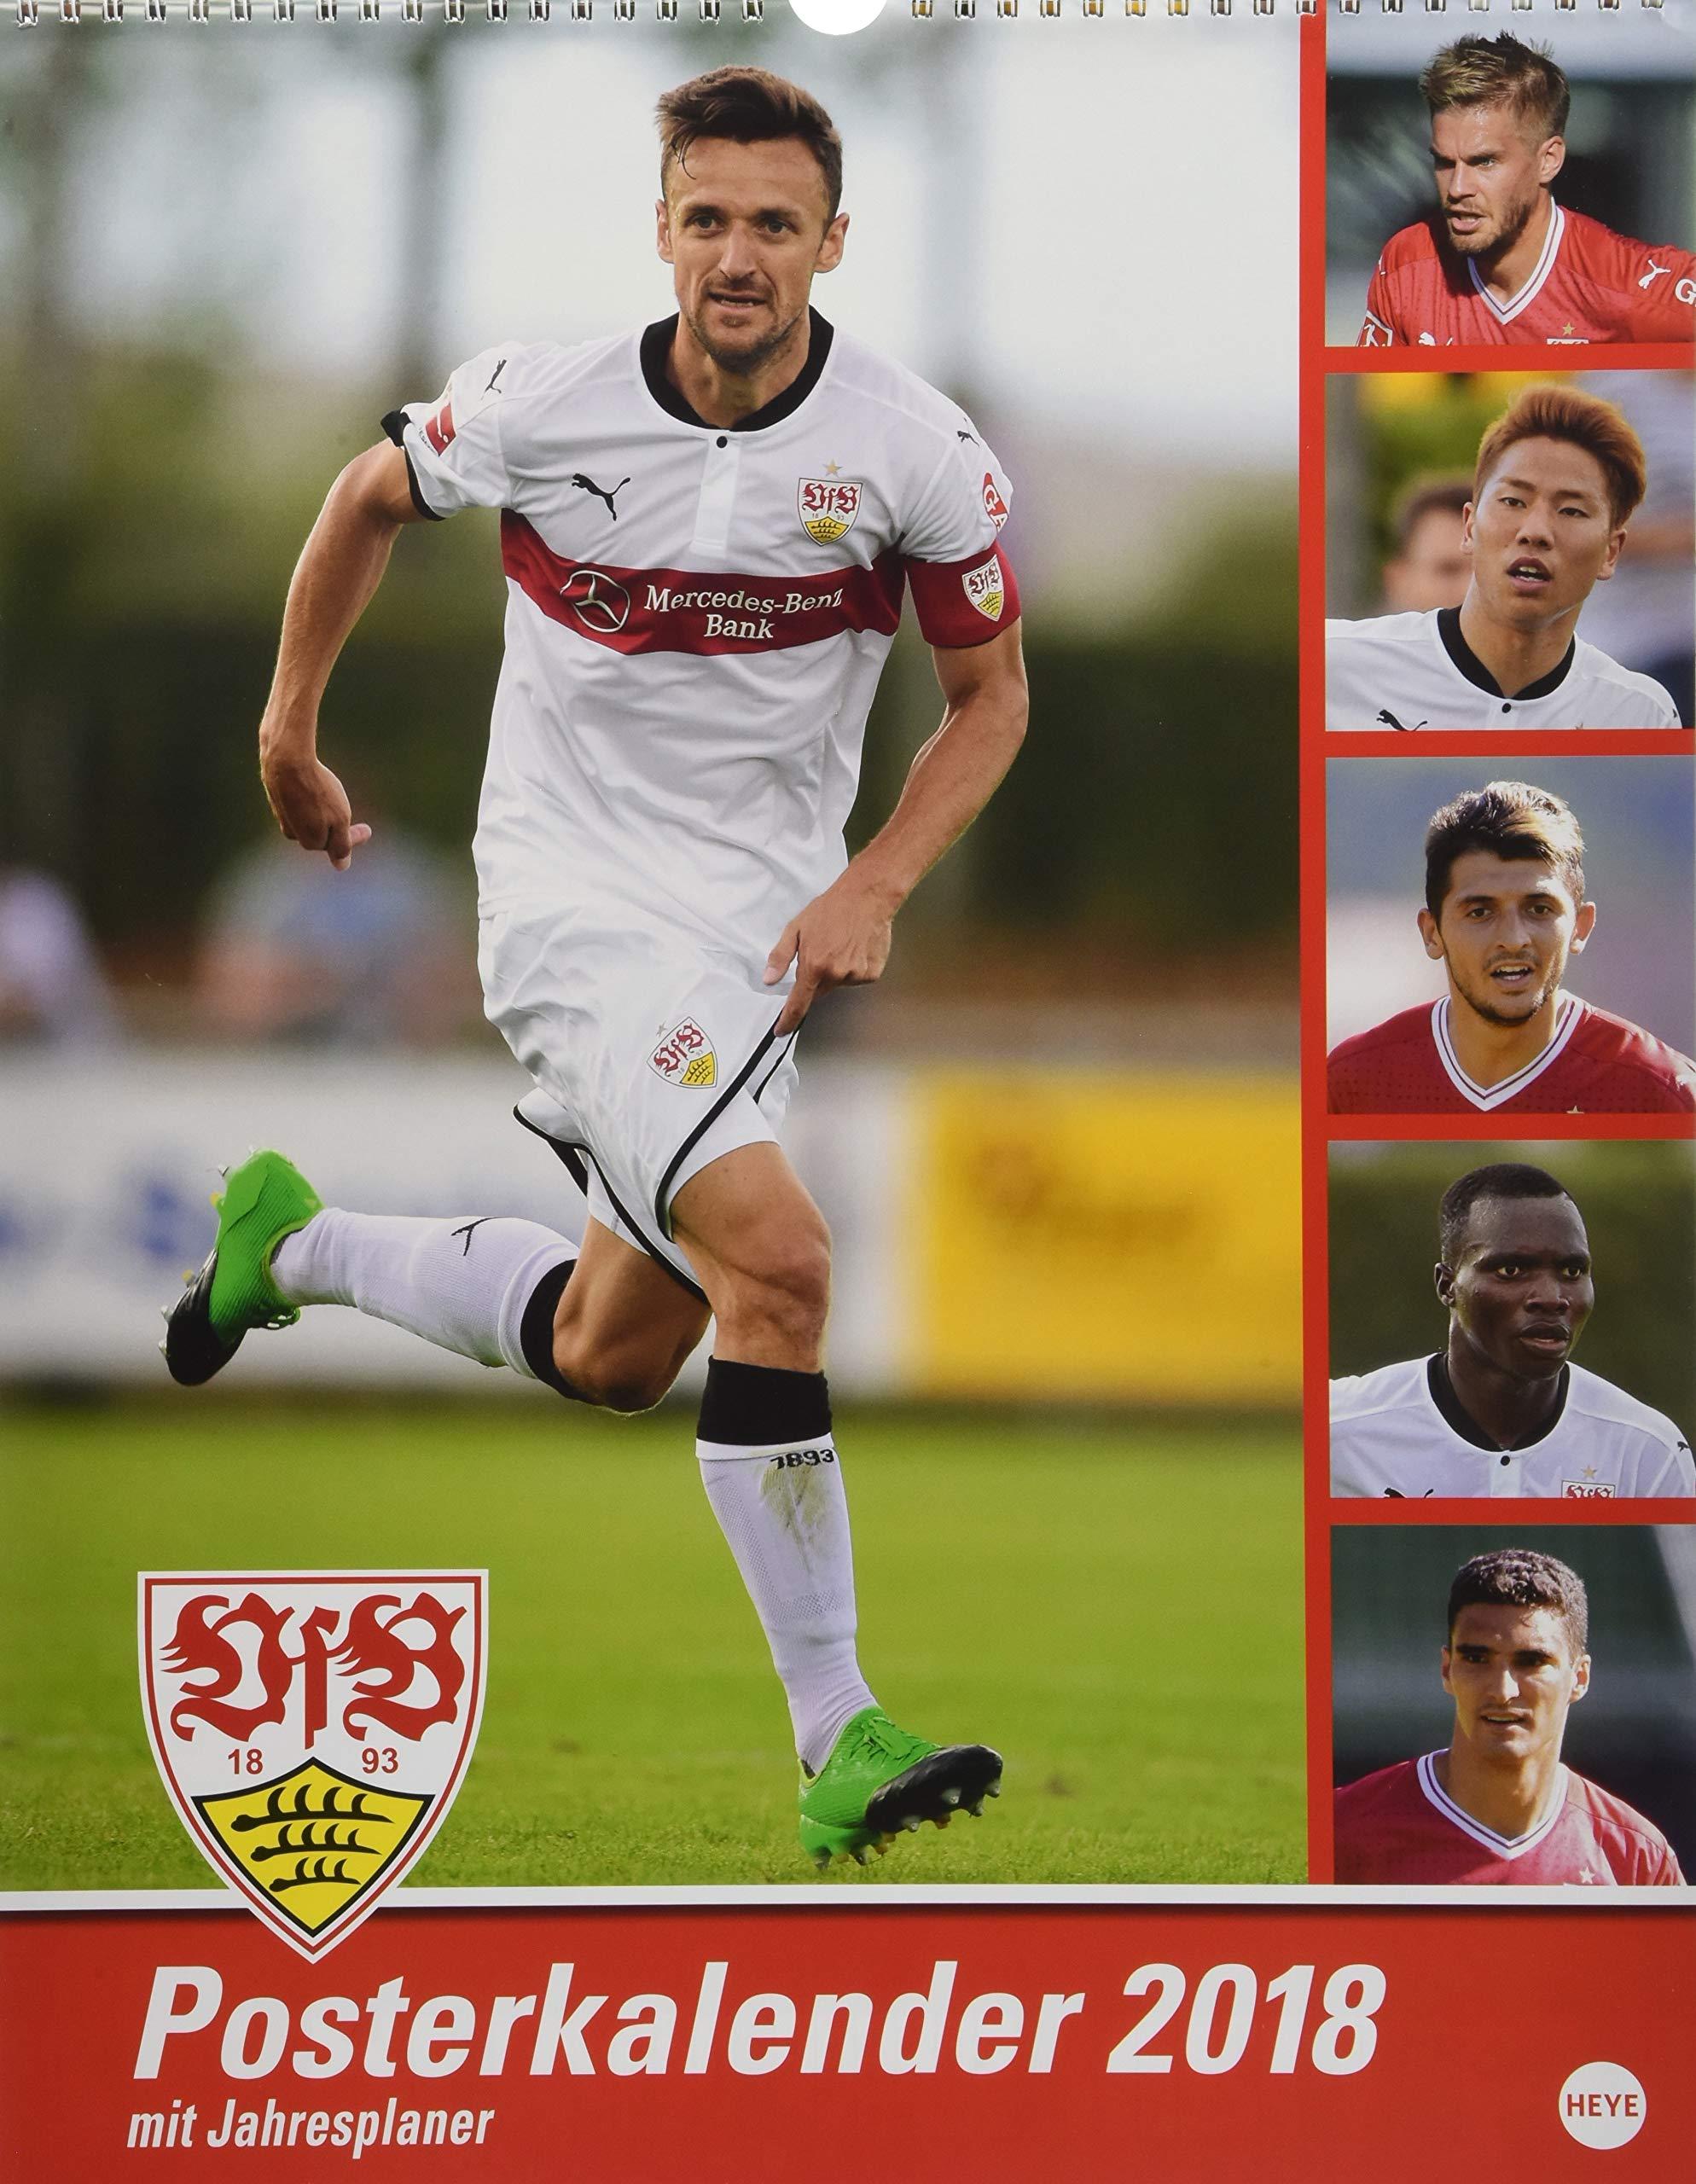 VfB Stuttgart Posterkalender - Kalender 2018